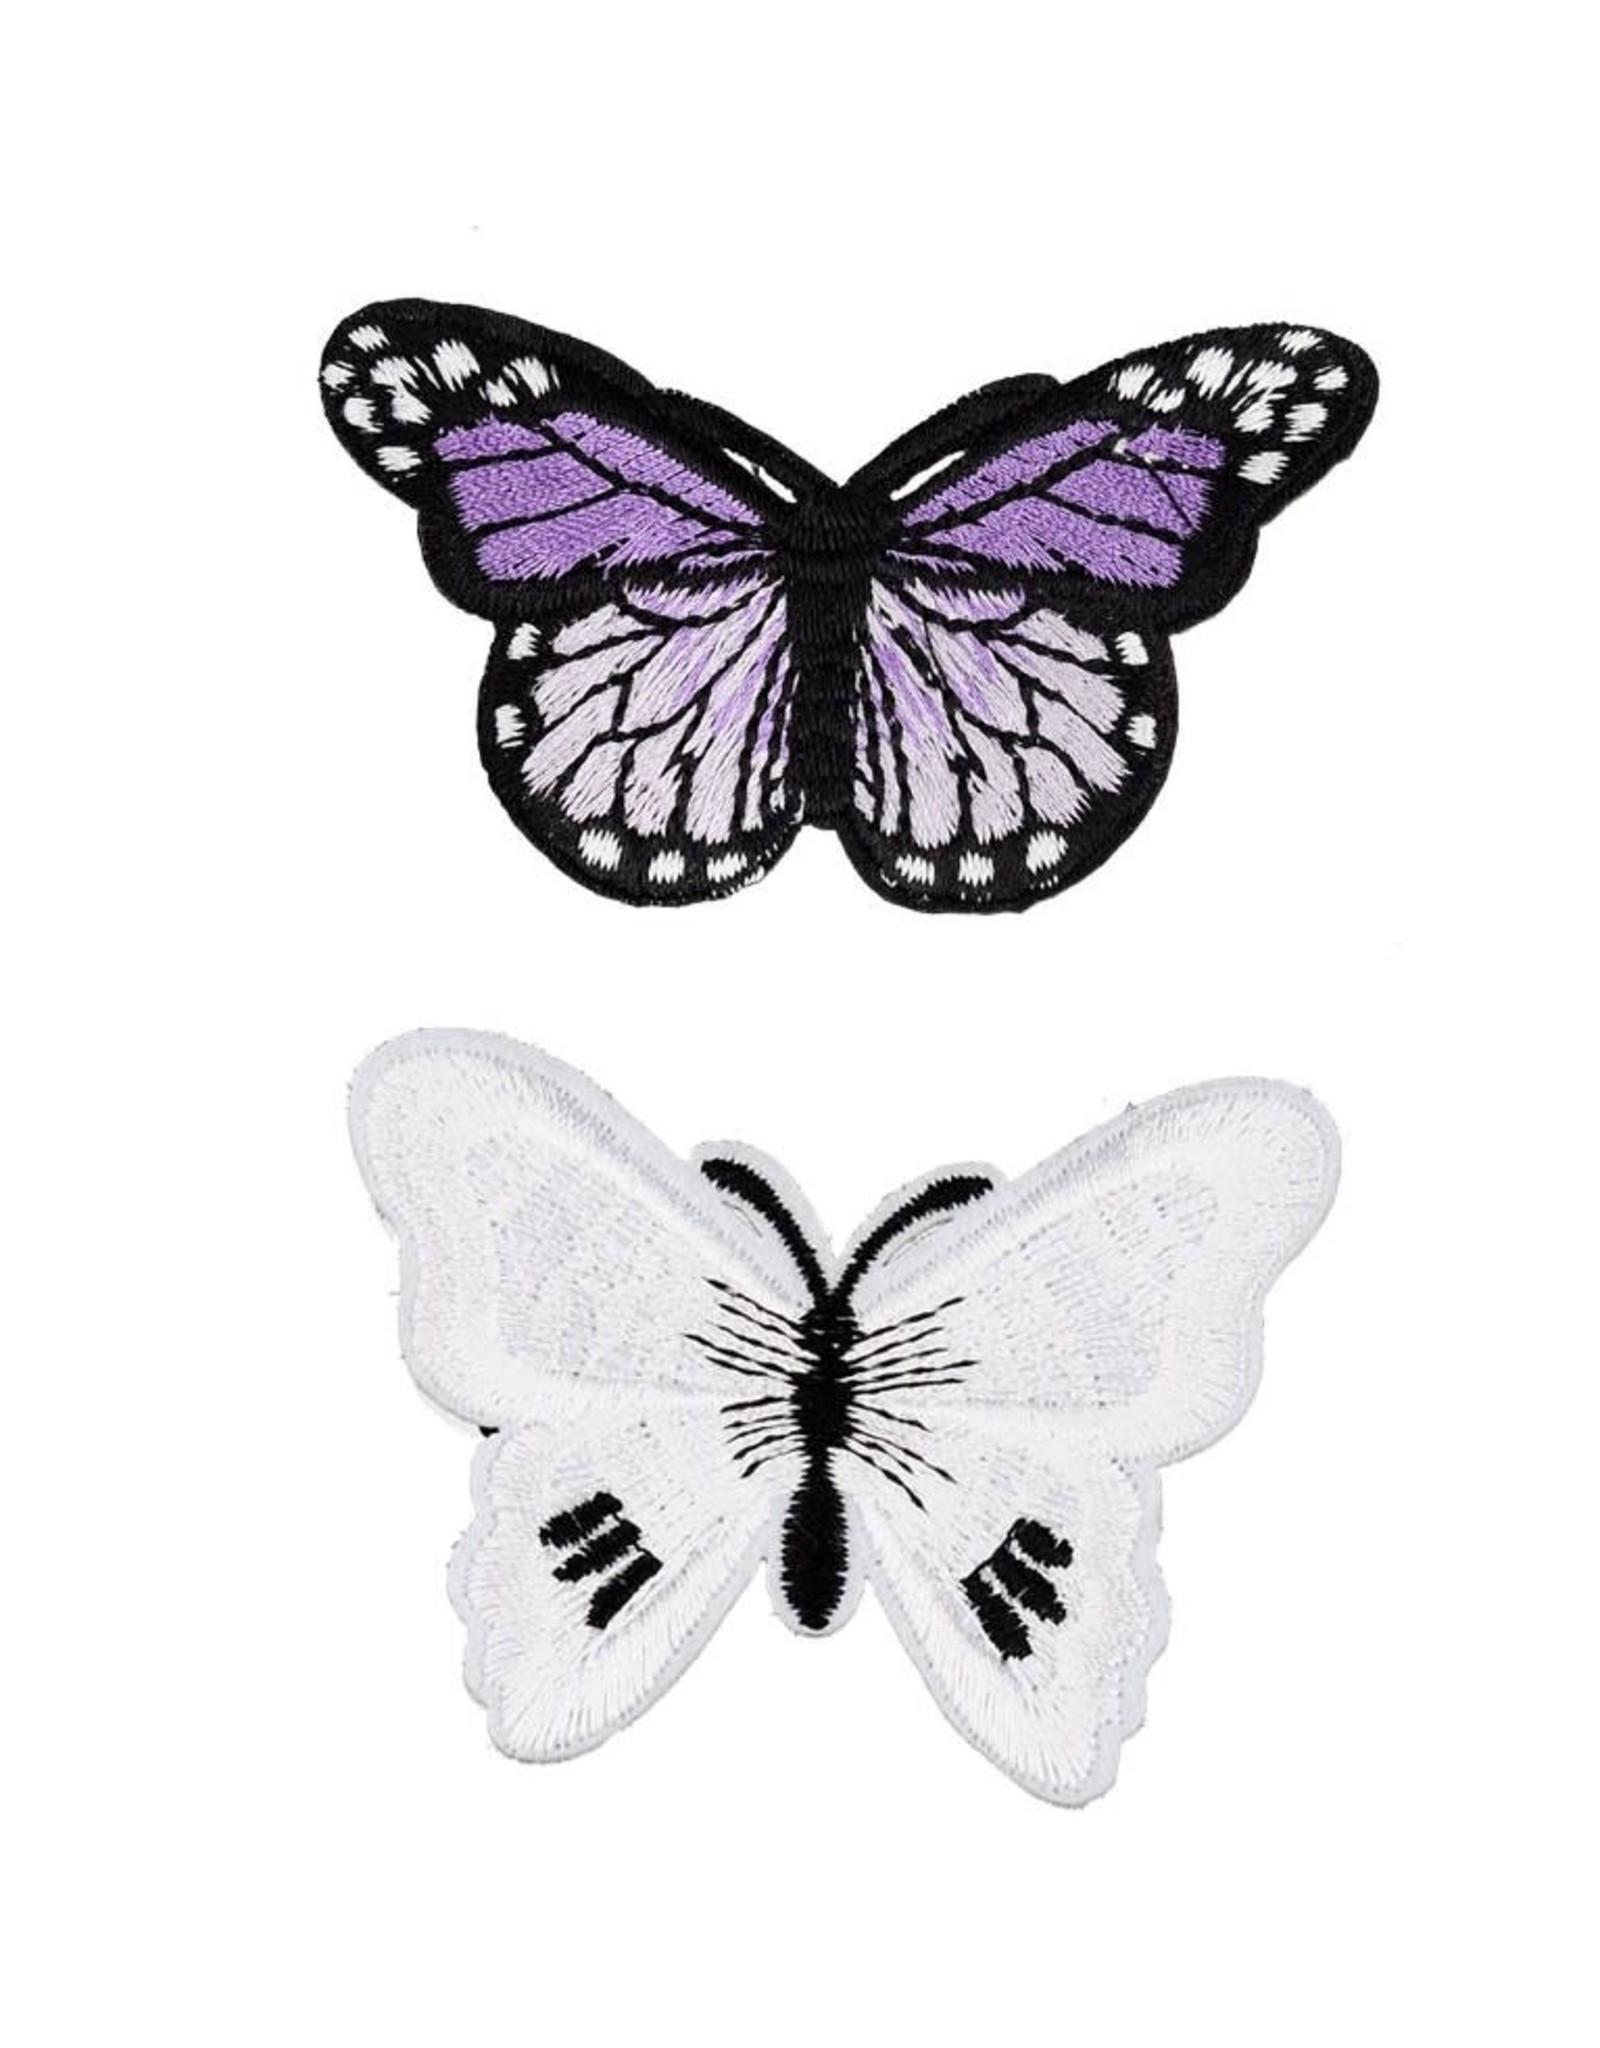 Stoffen patch vlinder 7cm wit&paars